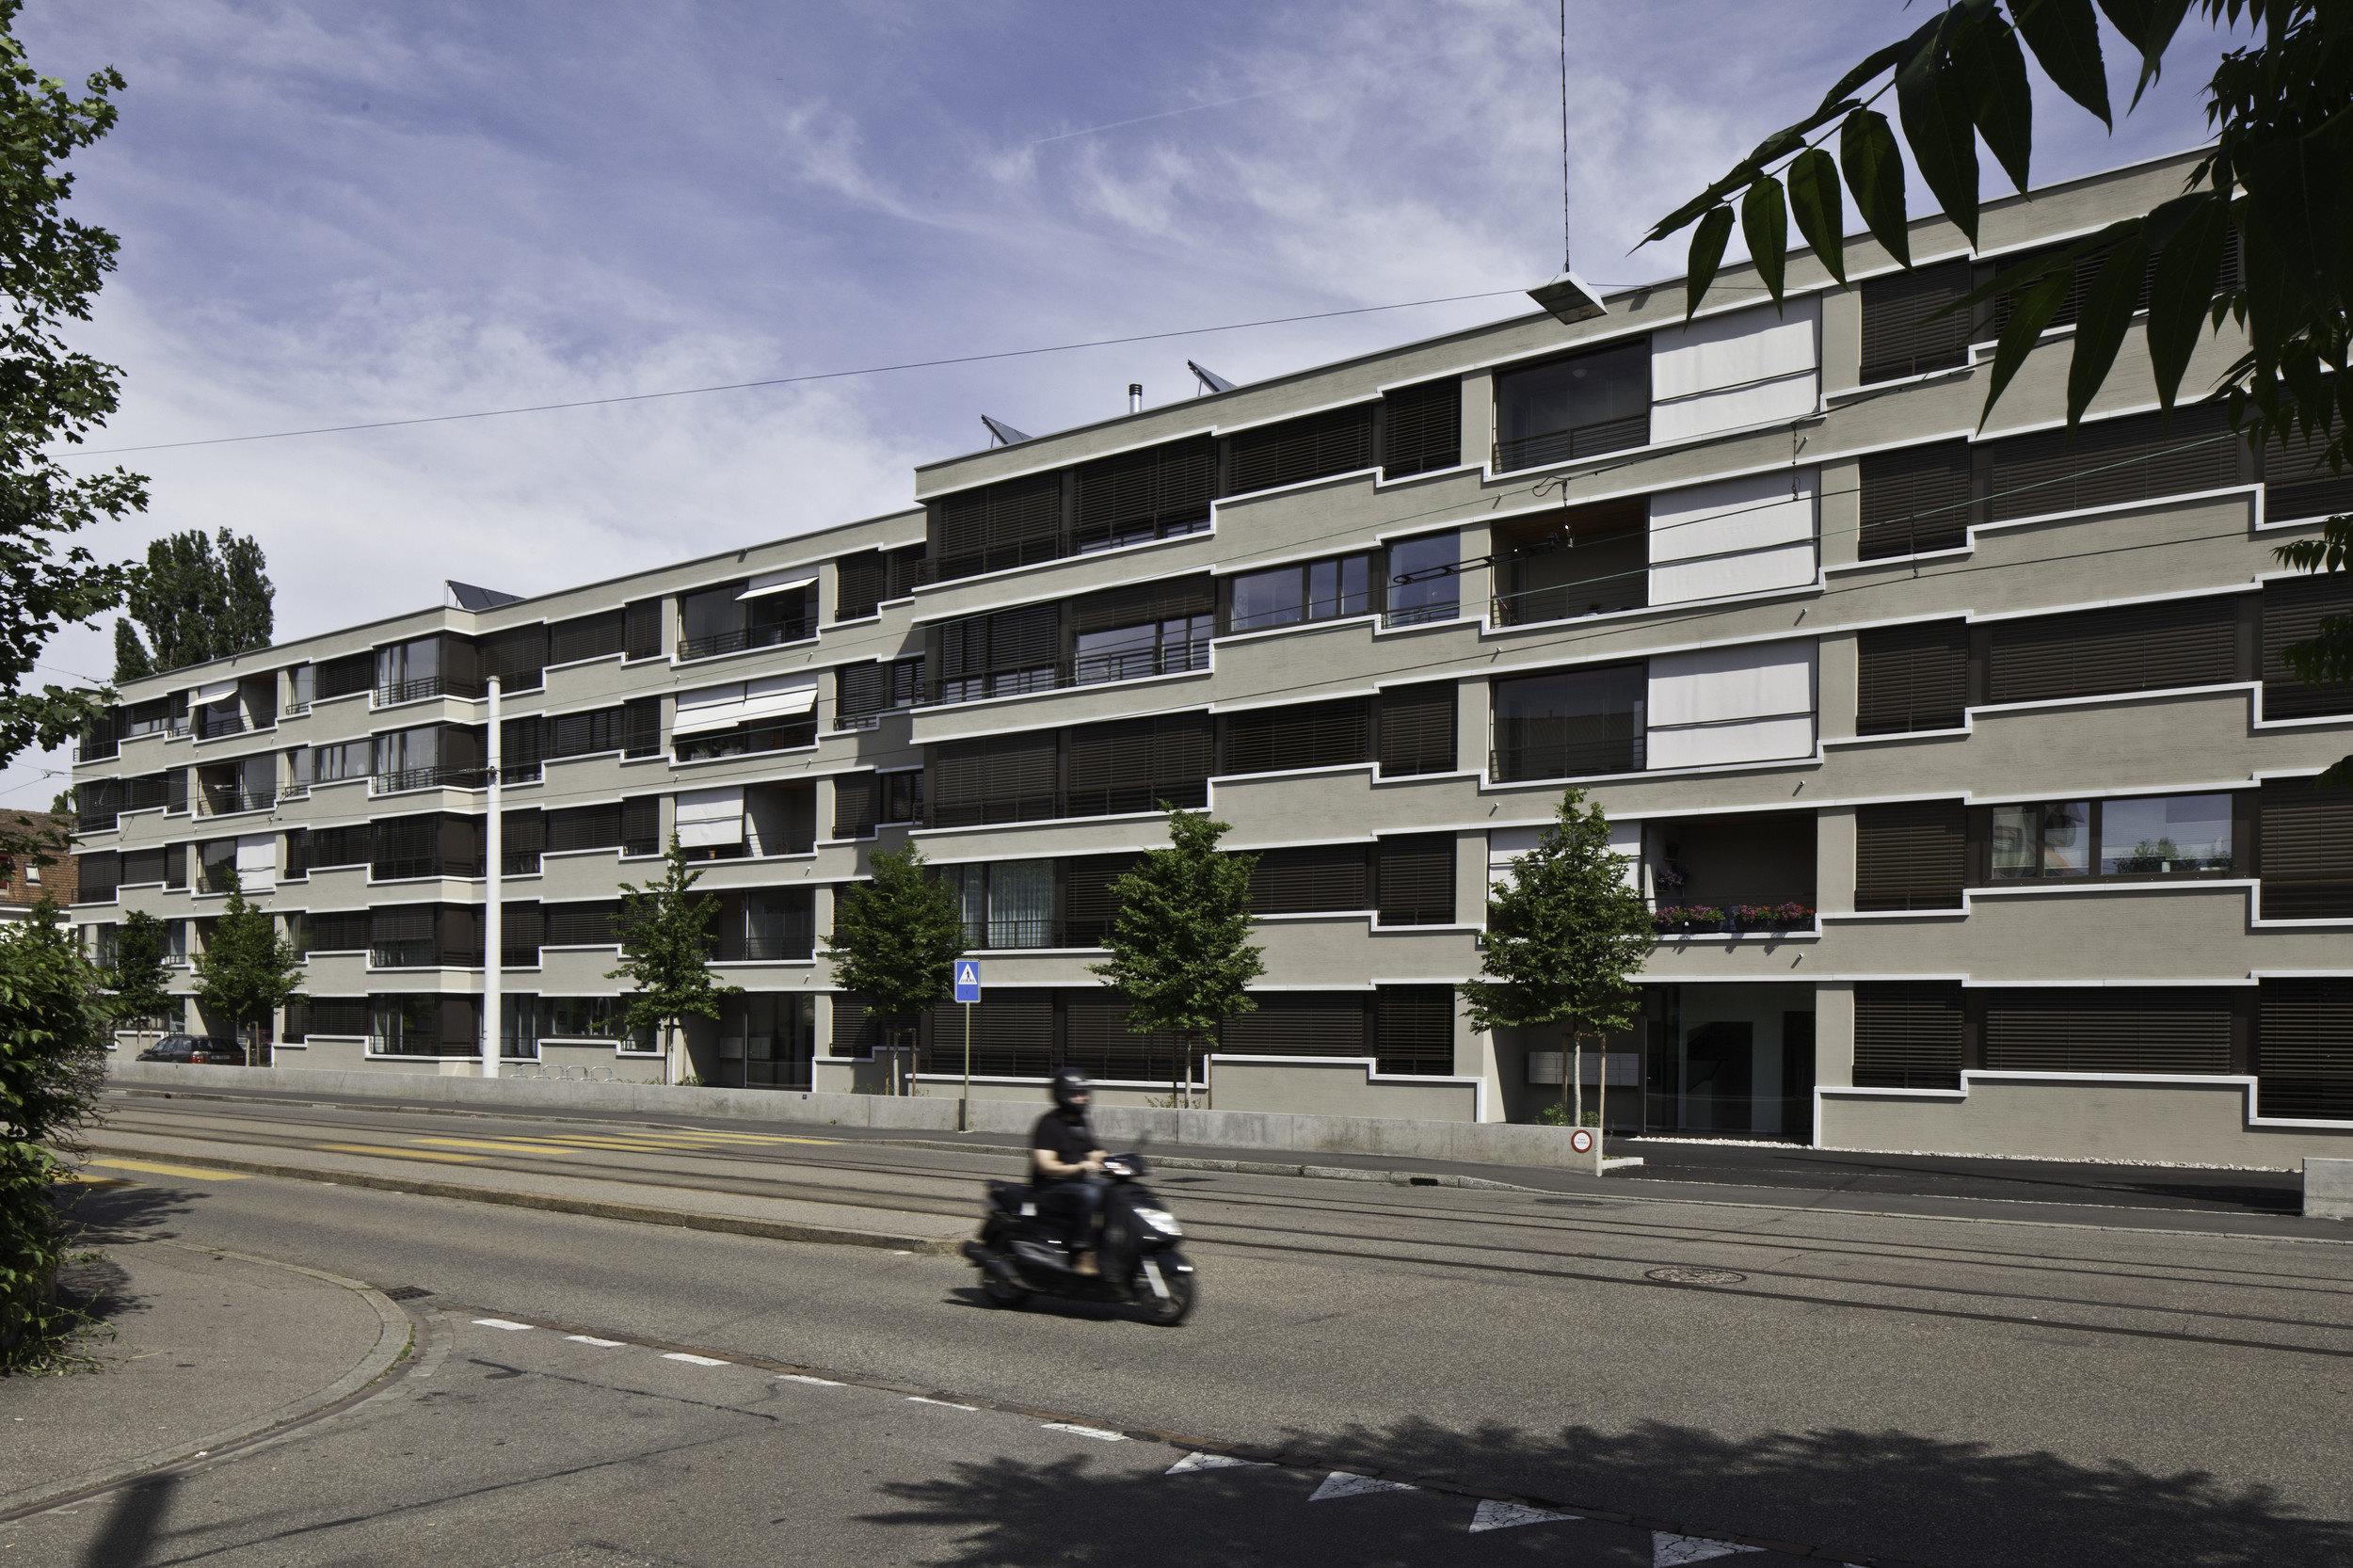 Langer 4-stöckiger Wohnblock mit Balkonverkleidungen in Douglasie natur